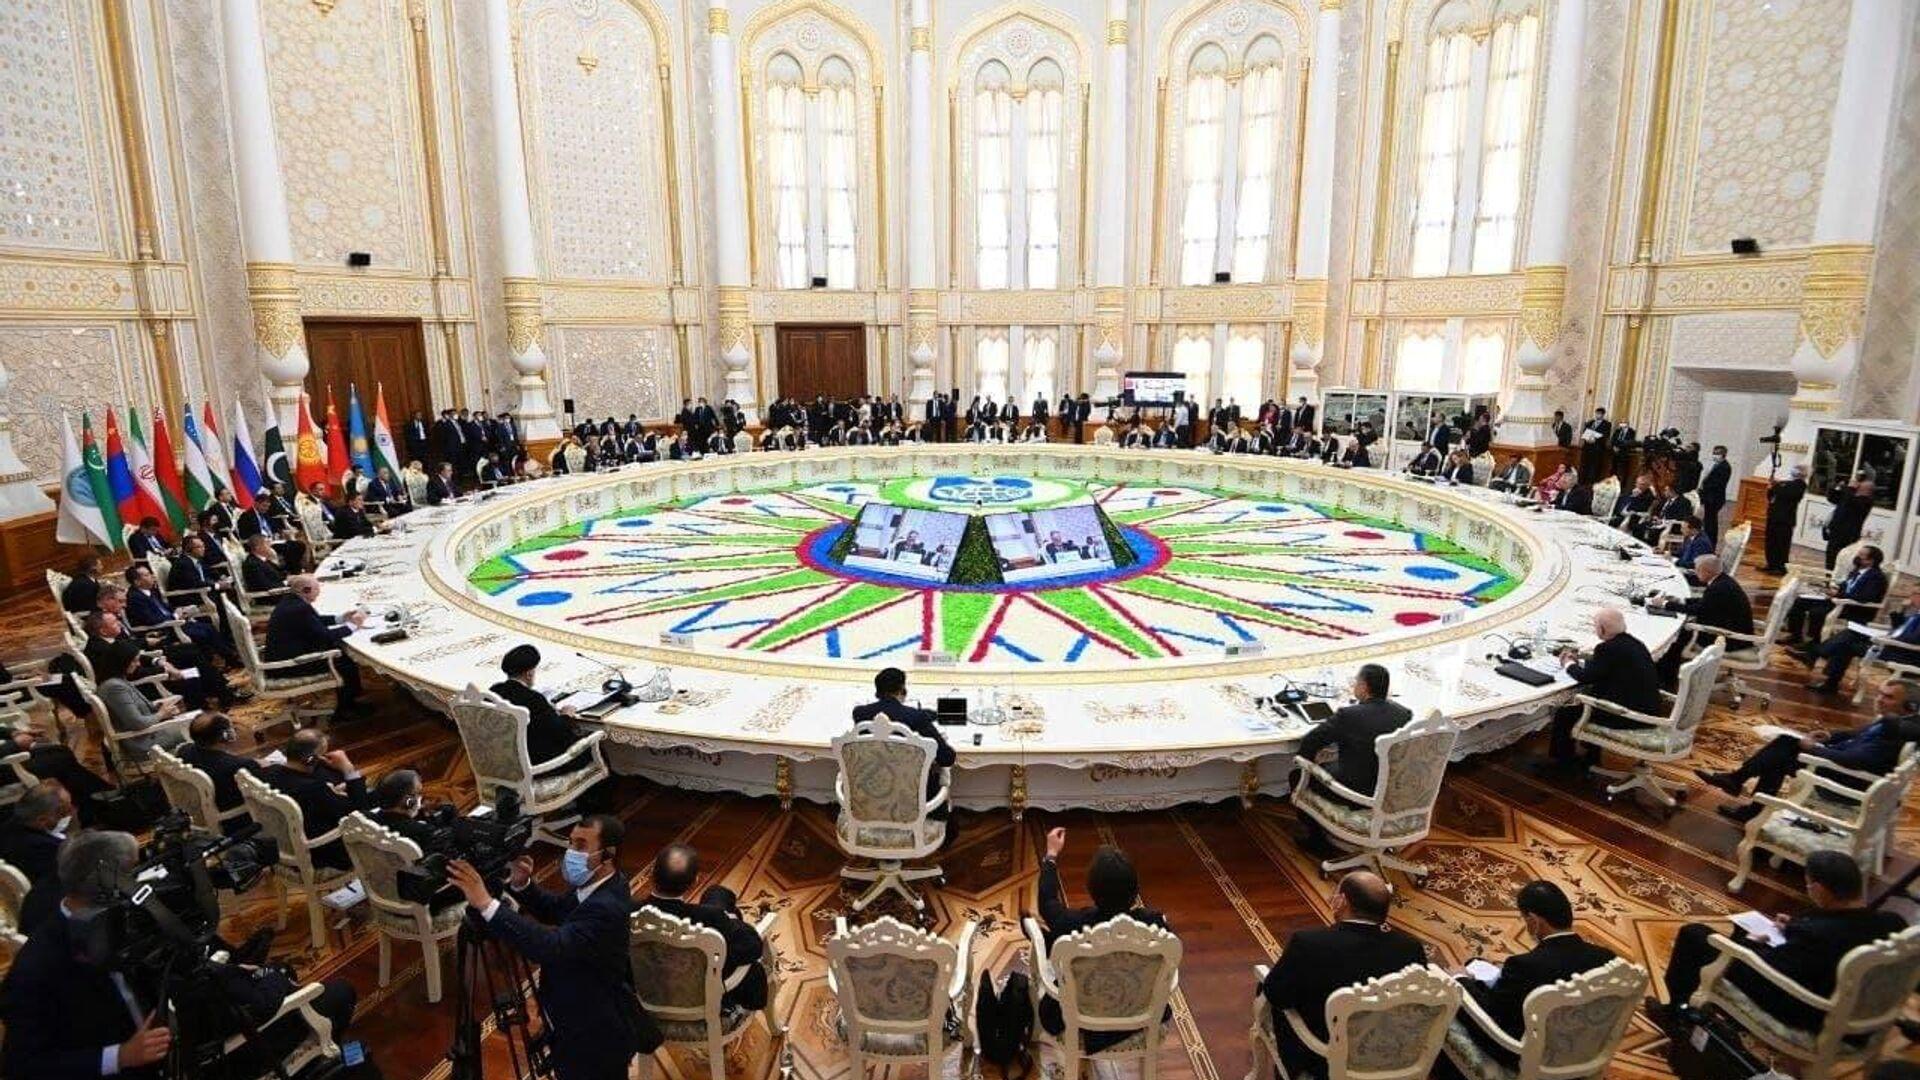 Назначен новый директор Исполнительного комитета Региональной антитеррористической структуры ШОС - Sputnik Узбекистан, 1920, 17.09.2021